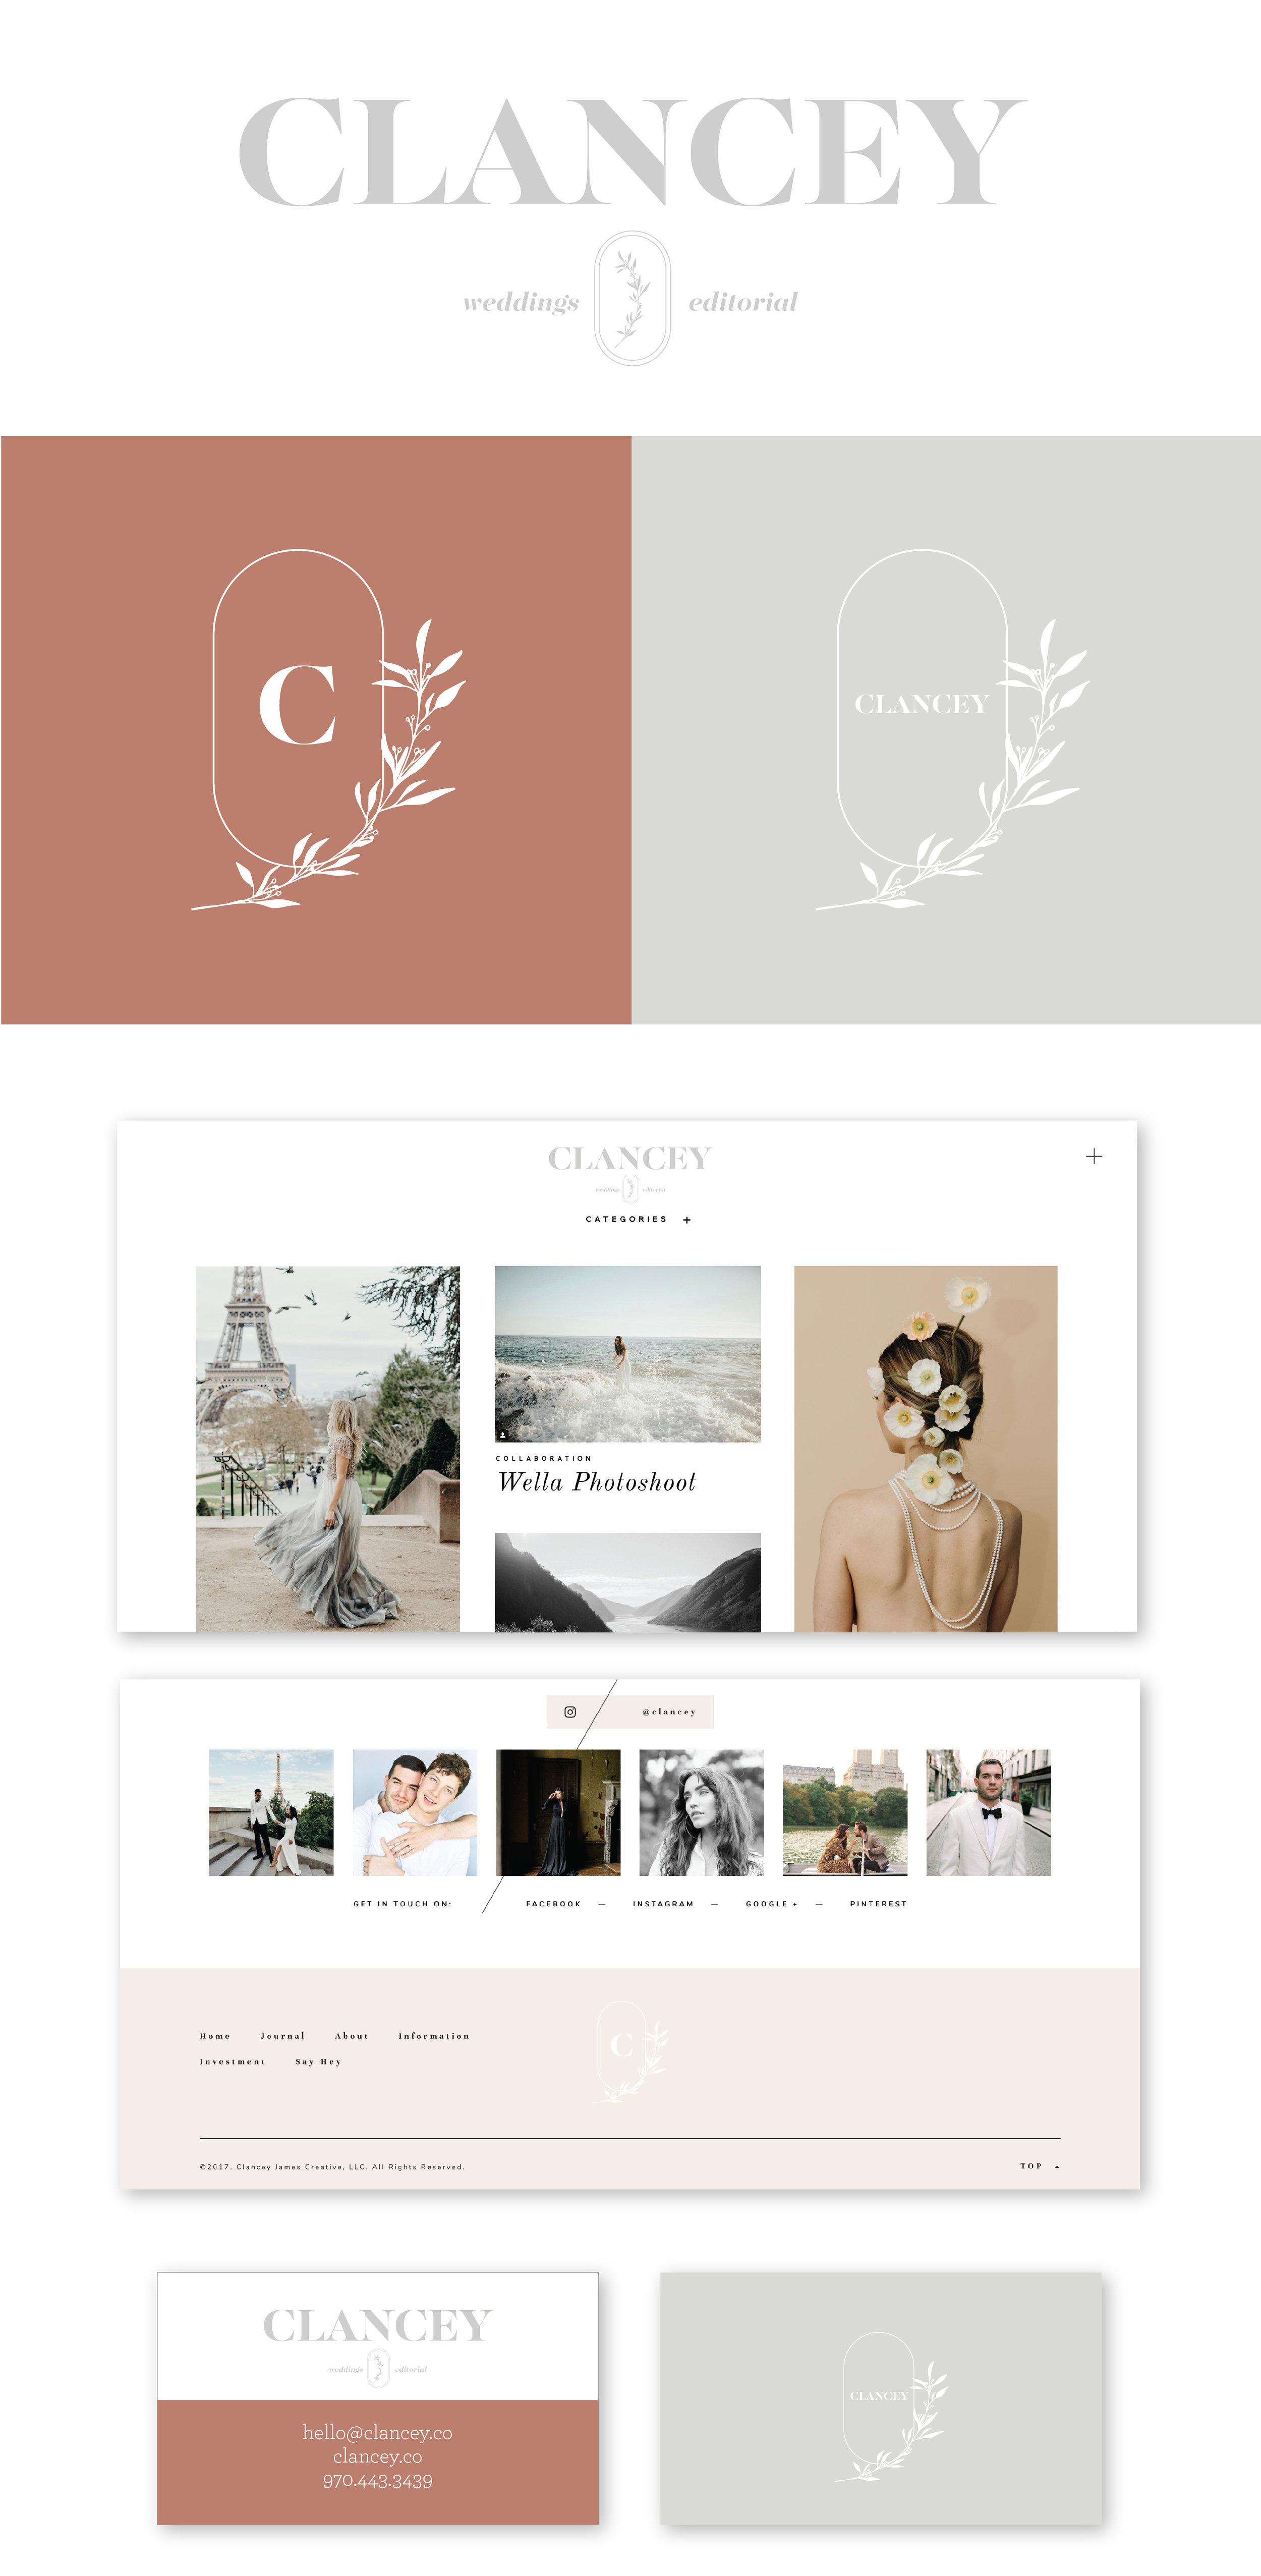 Clancey_concepts-03.jpg